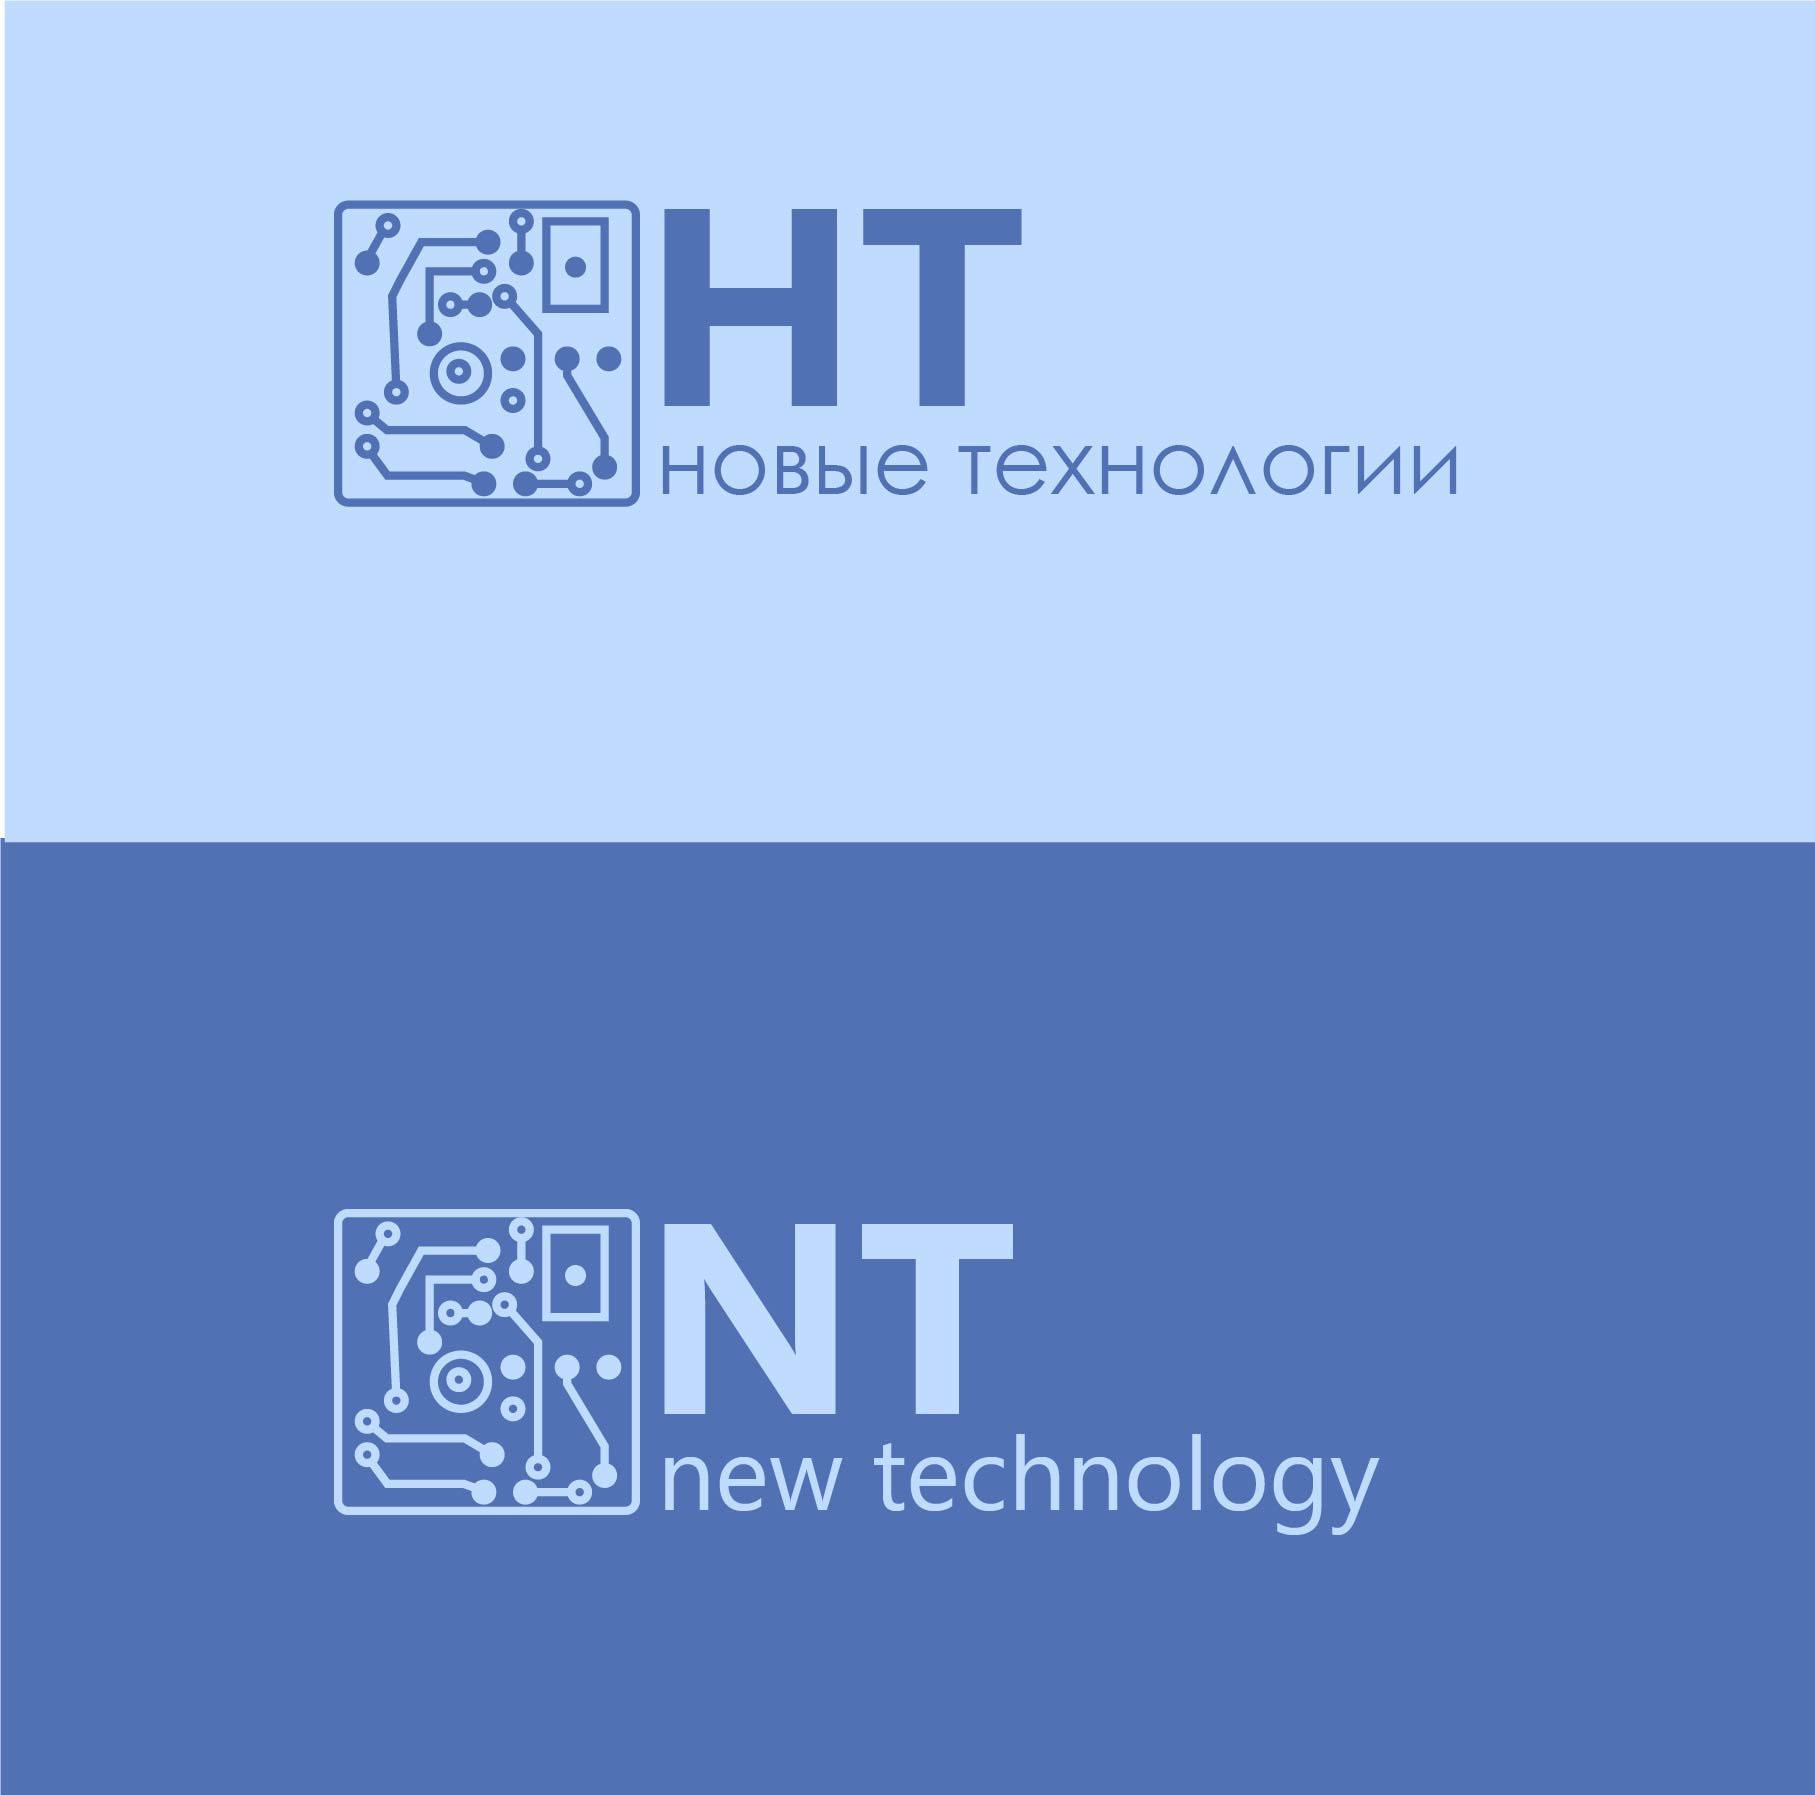 Разработка логотипа и фирменного стиля фото f_6395e732b2d18914.jpg